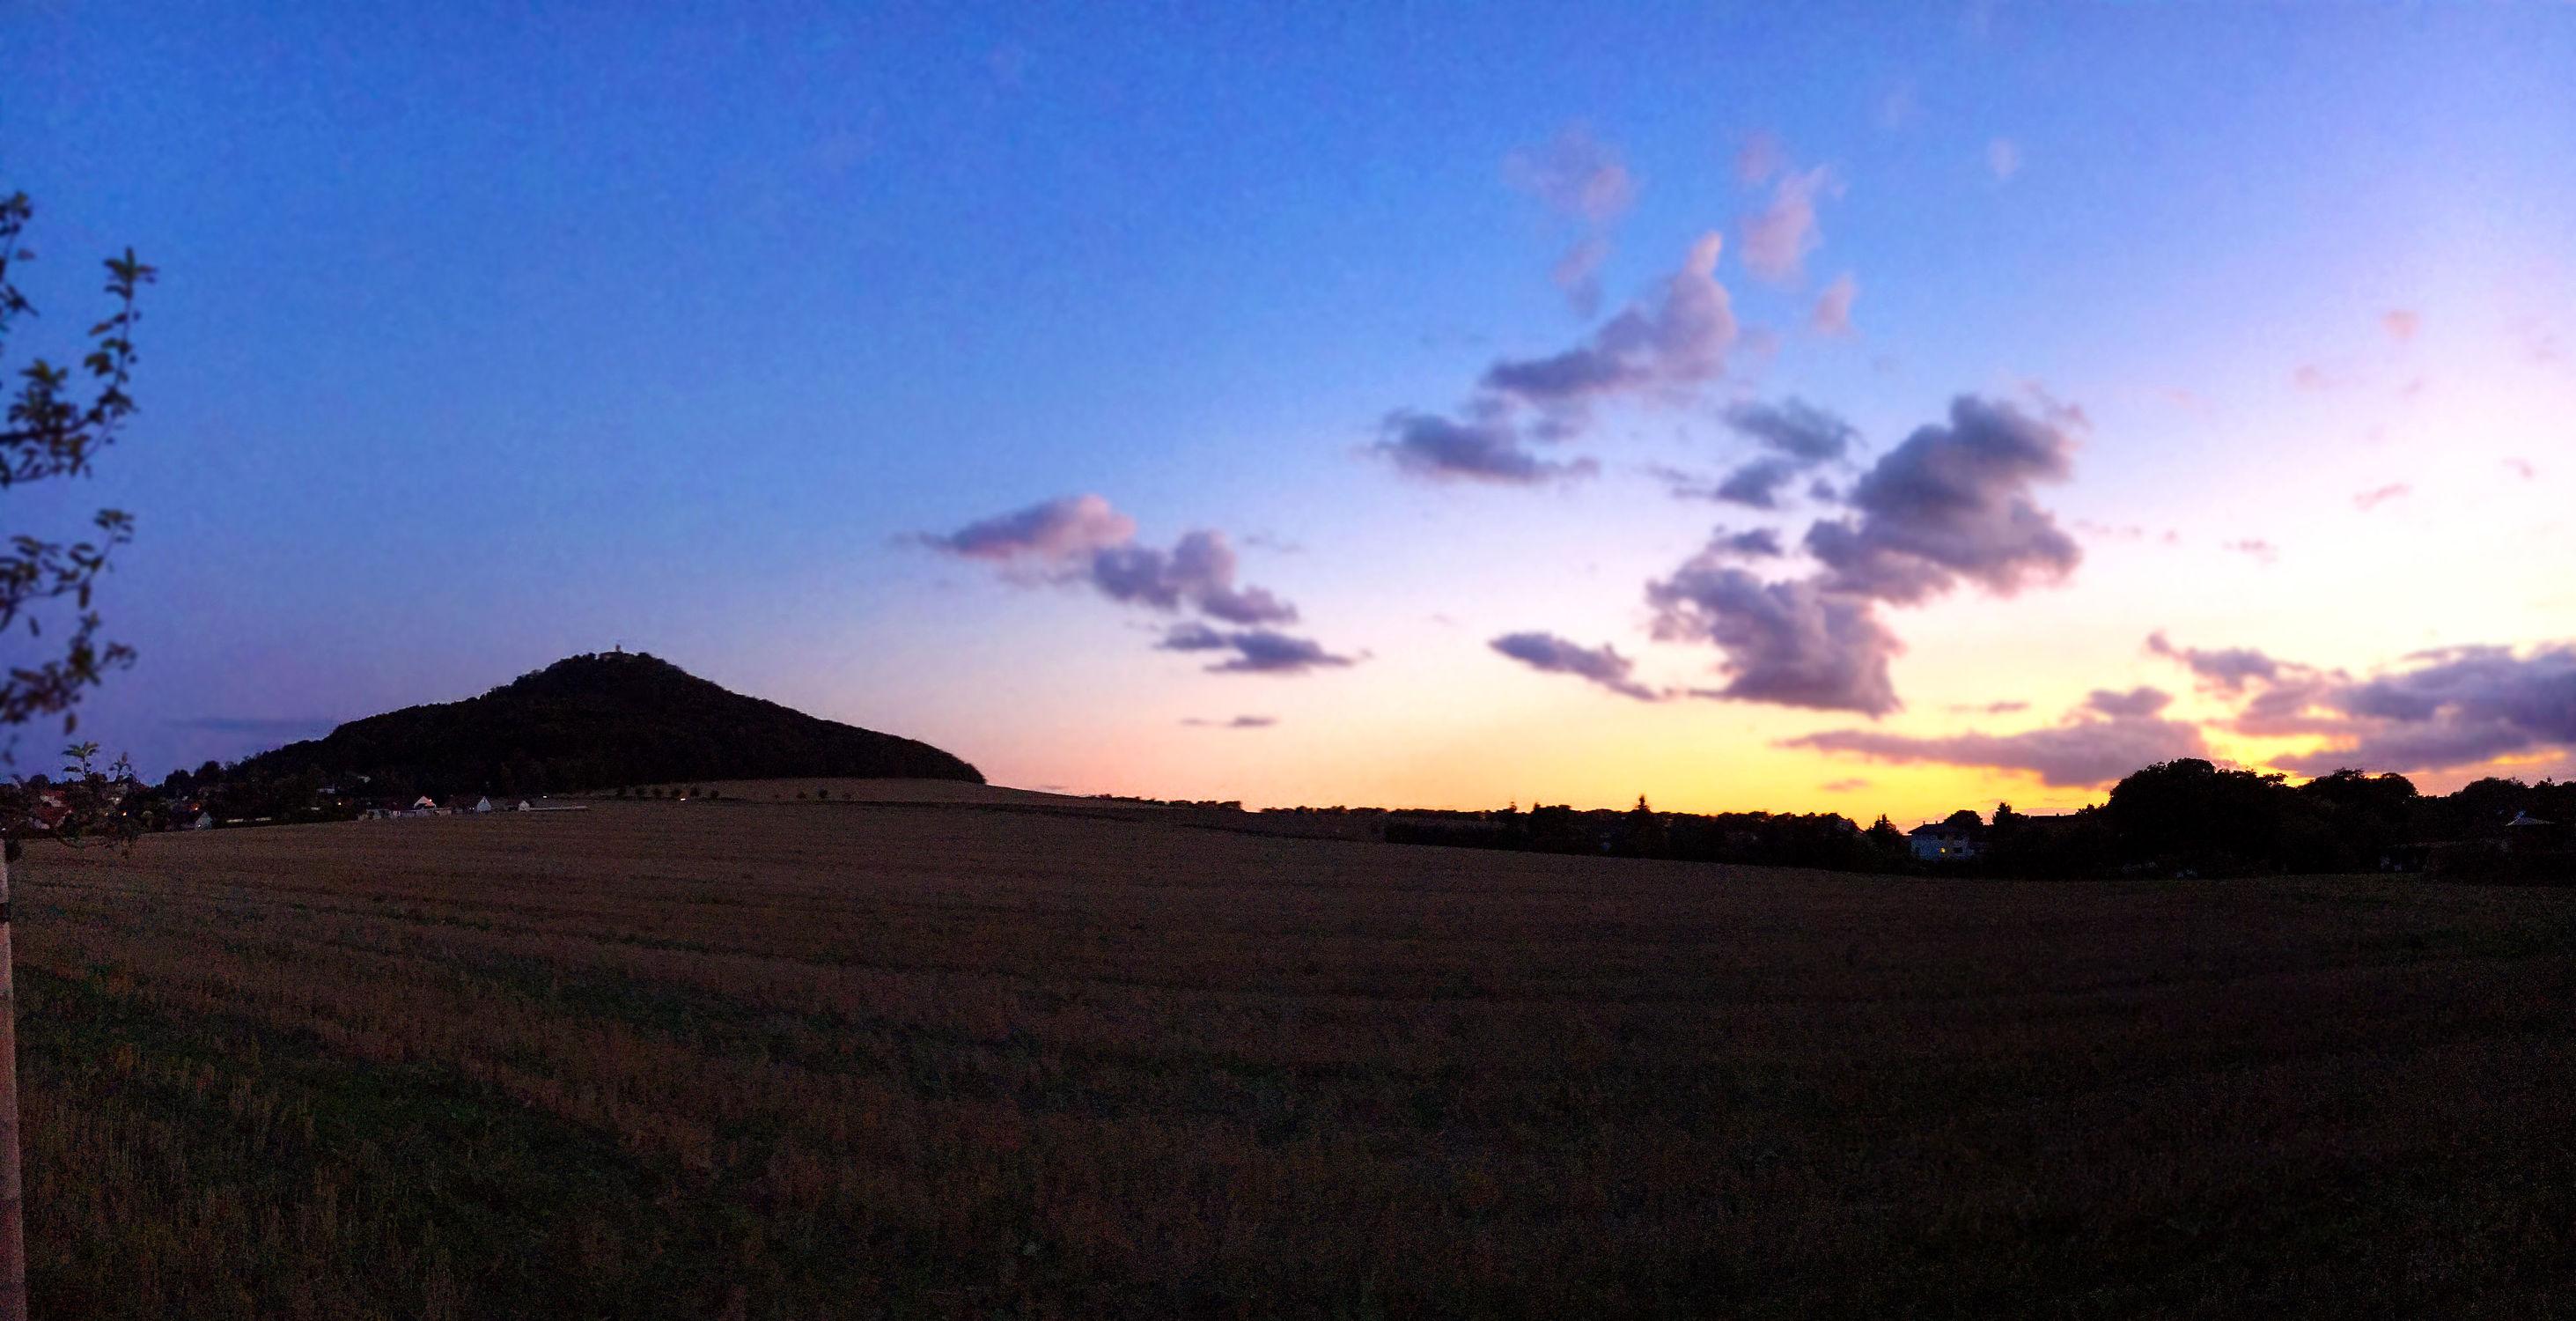 Bild mit Wolken, Horizont, Sonnenuntergang, Dämmerung, Panorama, Sunset, Sky, Görlitz, Landeskrone, Sedło, Hausberg, Ausflugsziel, Blick auf Görlitz, Oberlausitz, Landschaftspanorama, Sky panorama